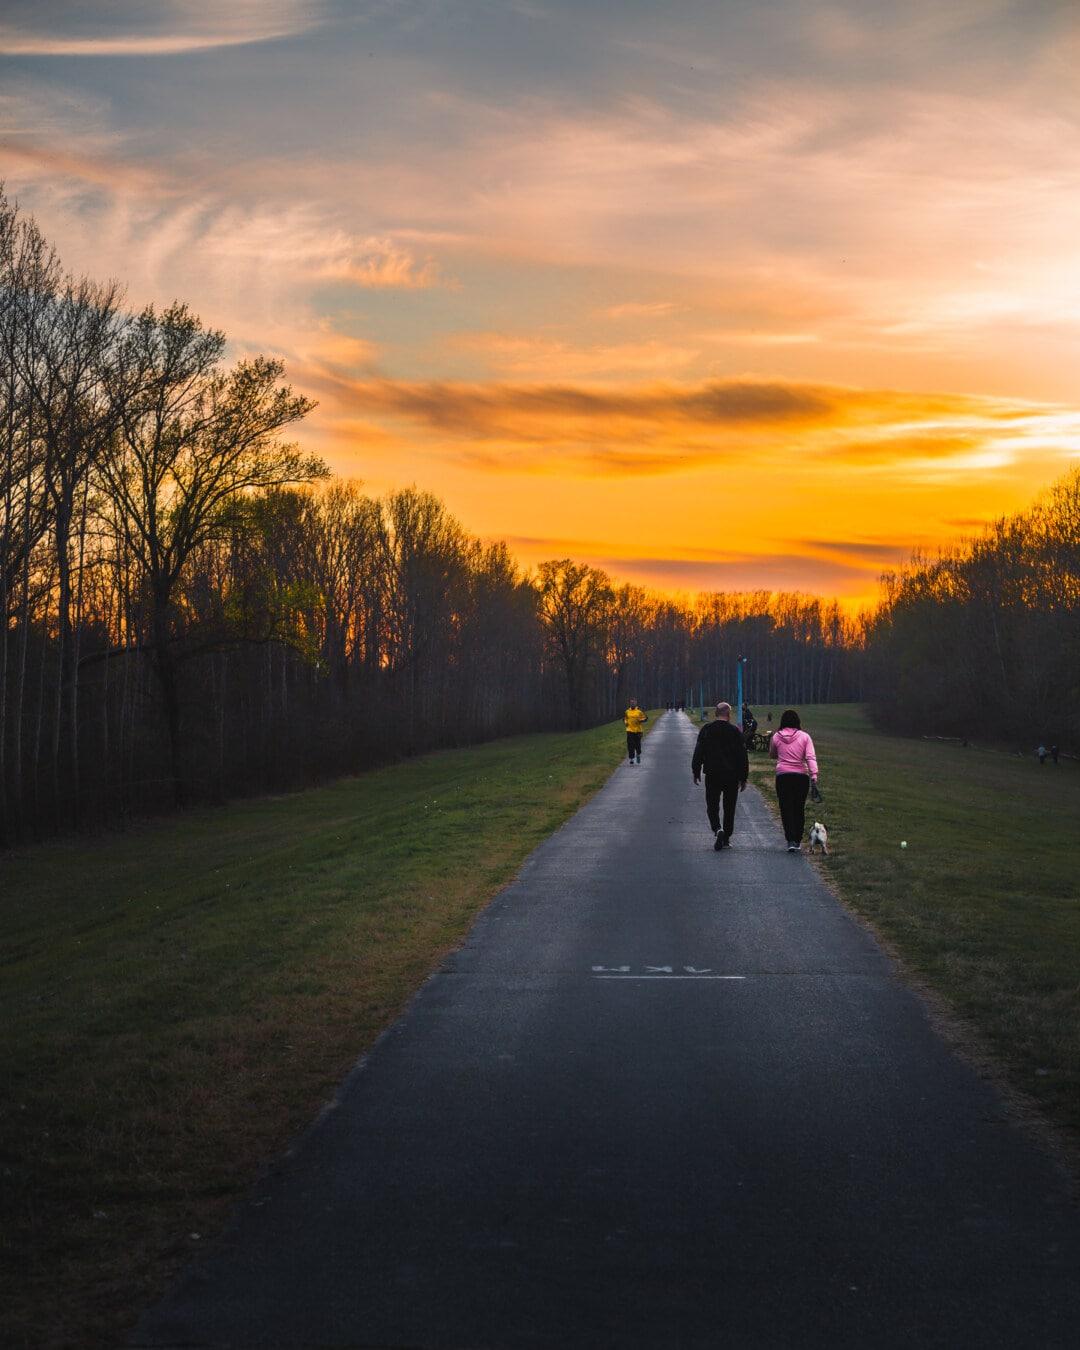 ジョギング, 人々, レクリエーション, サンセット, 道路, 身体活動, 夜明け, 草, 農村, アセント